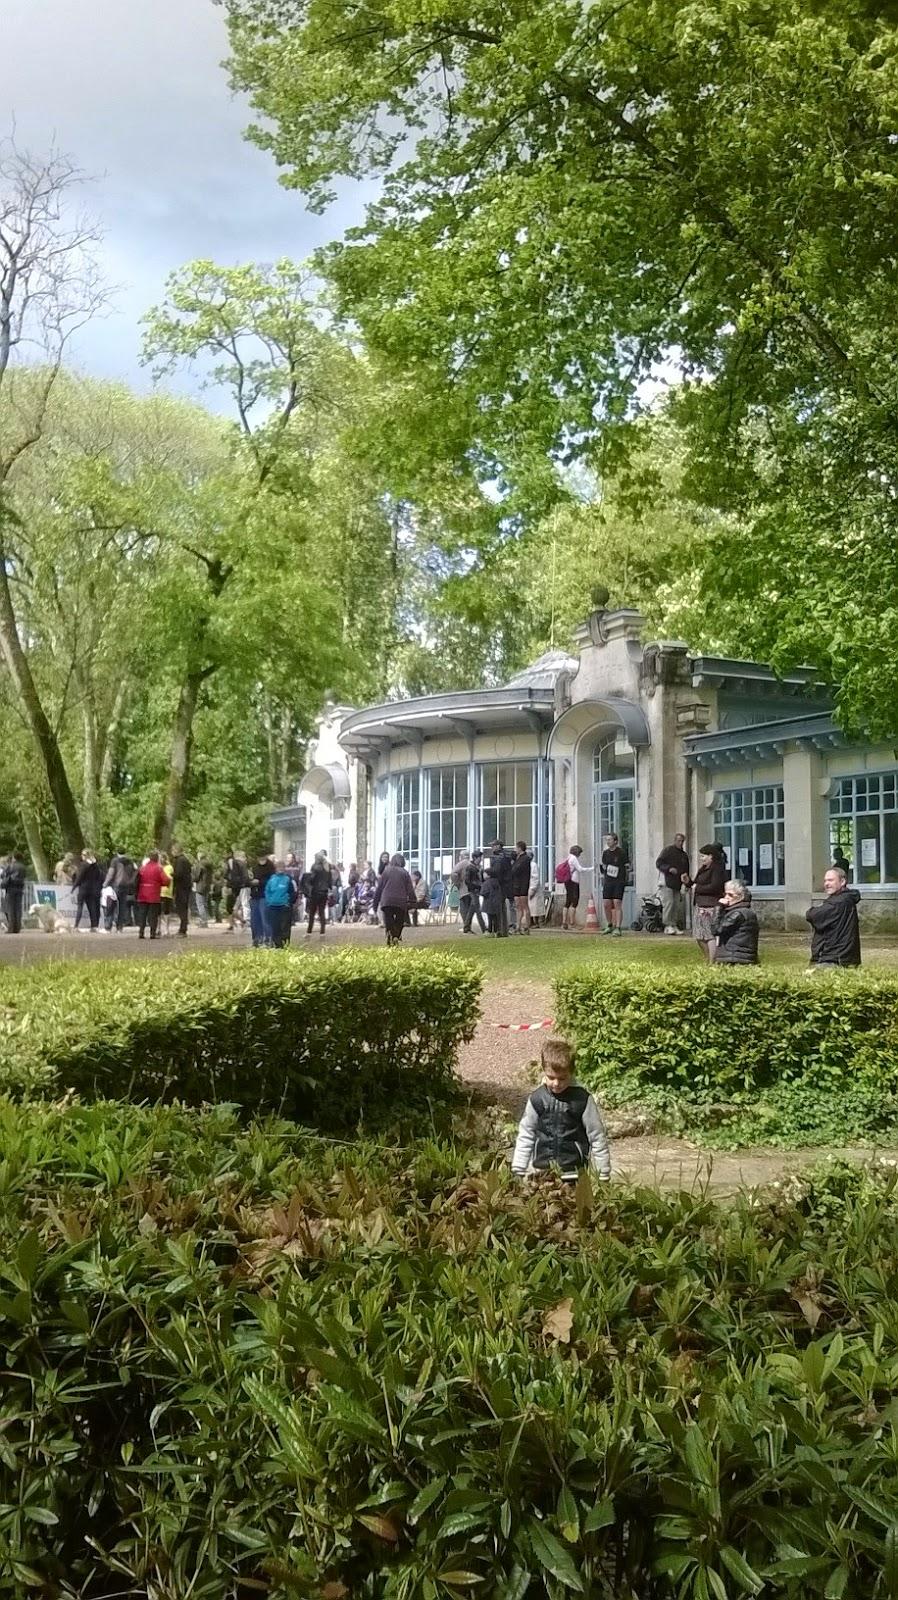 http://lafilleauxbasketsroses.blogspot.com/2014/05/foulees-de-pougues-les-eaux-10km-le-cr.html